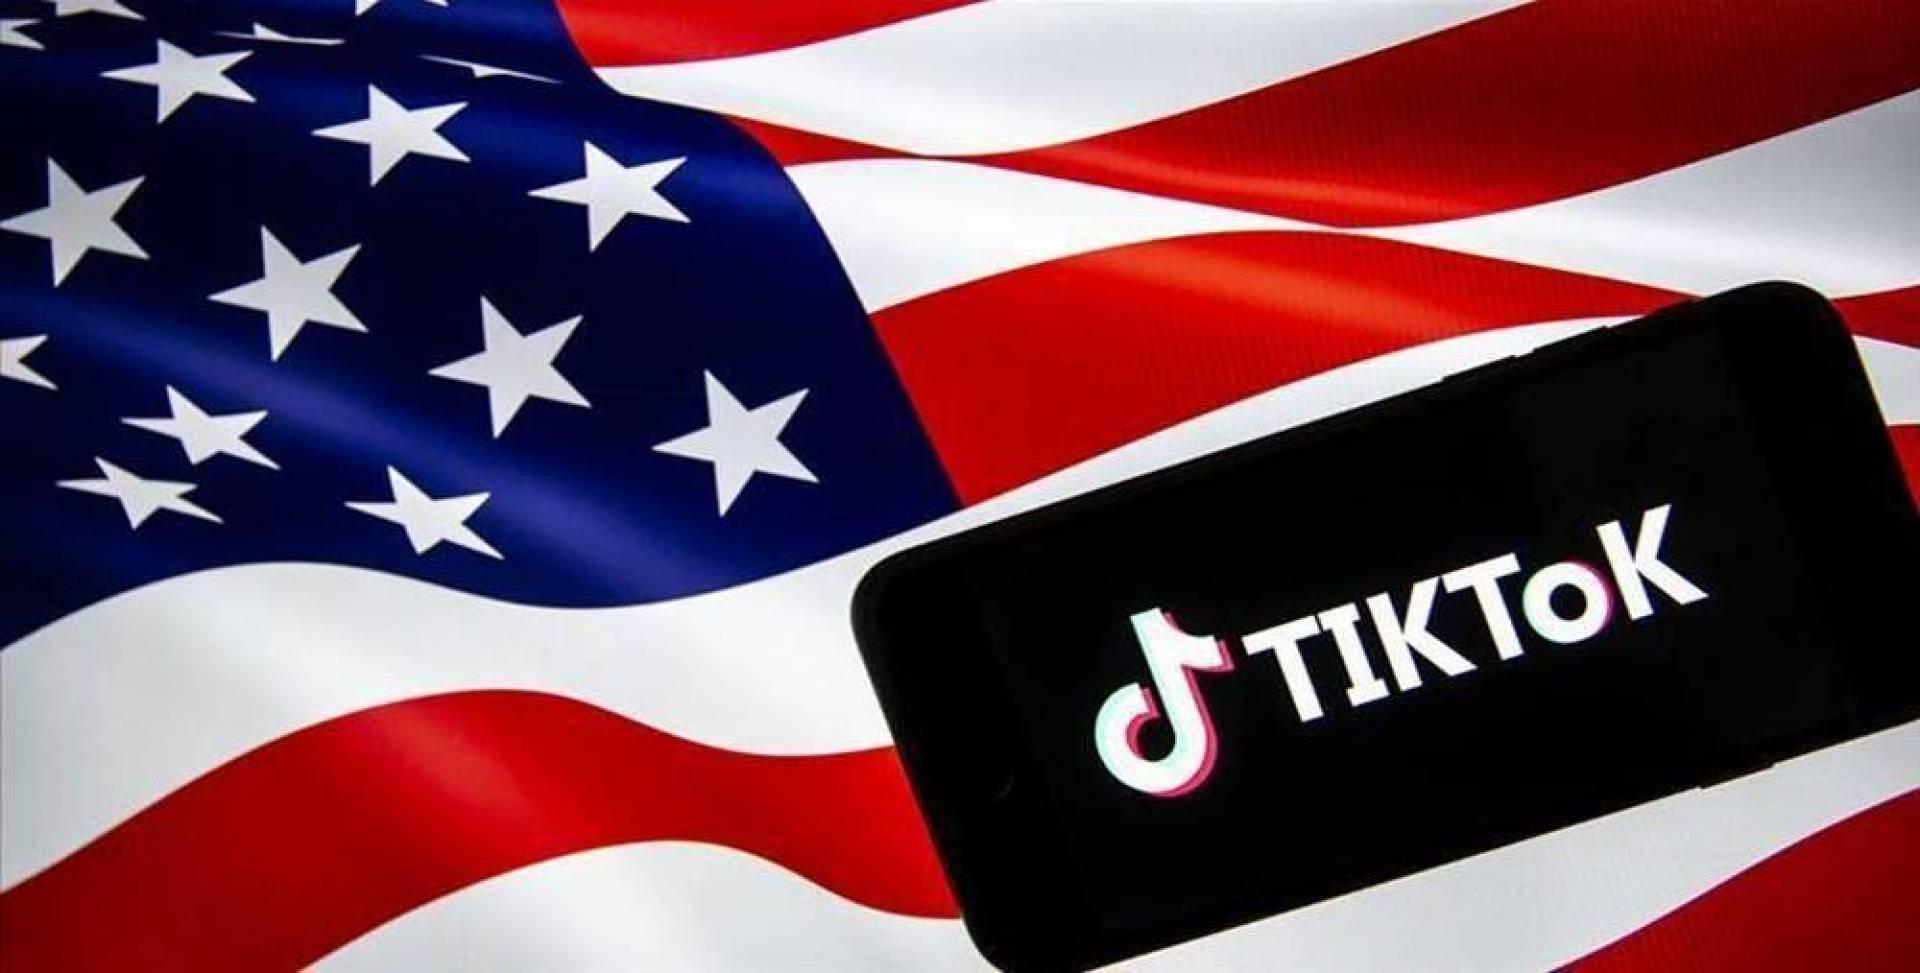 واشنطن تمهل «تيك توك» أسبوعاً إضافياً للتخلّي عن أصولها الأميركية